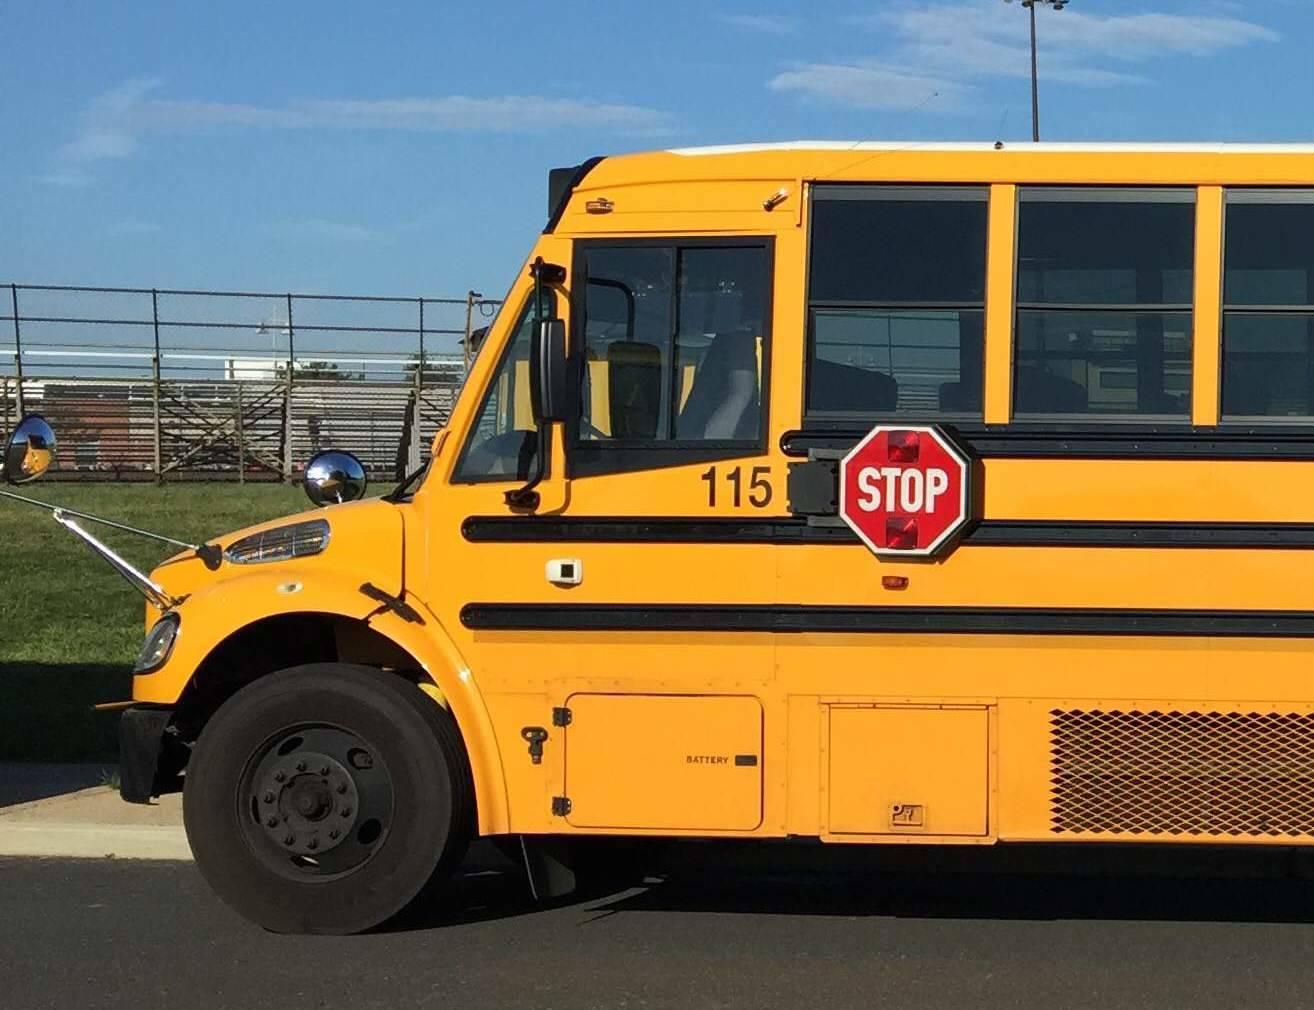 6014d241e8ecd2d8a188_School_Bus_Stop_Sign_credit_Ken_Simmons.jpg